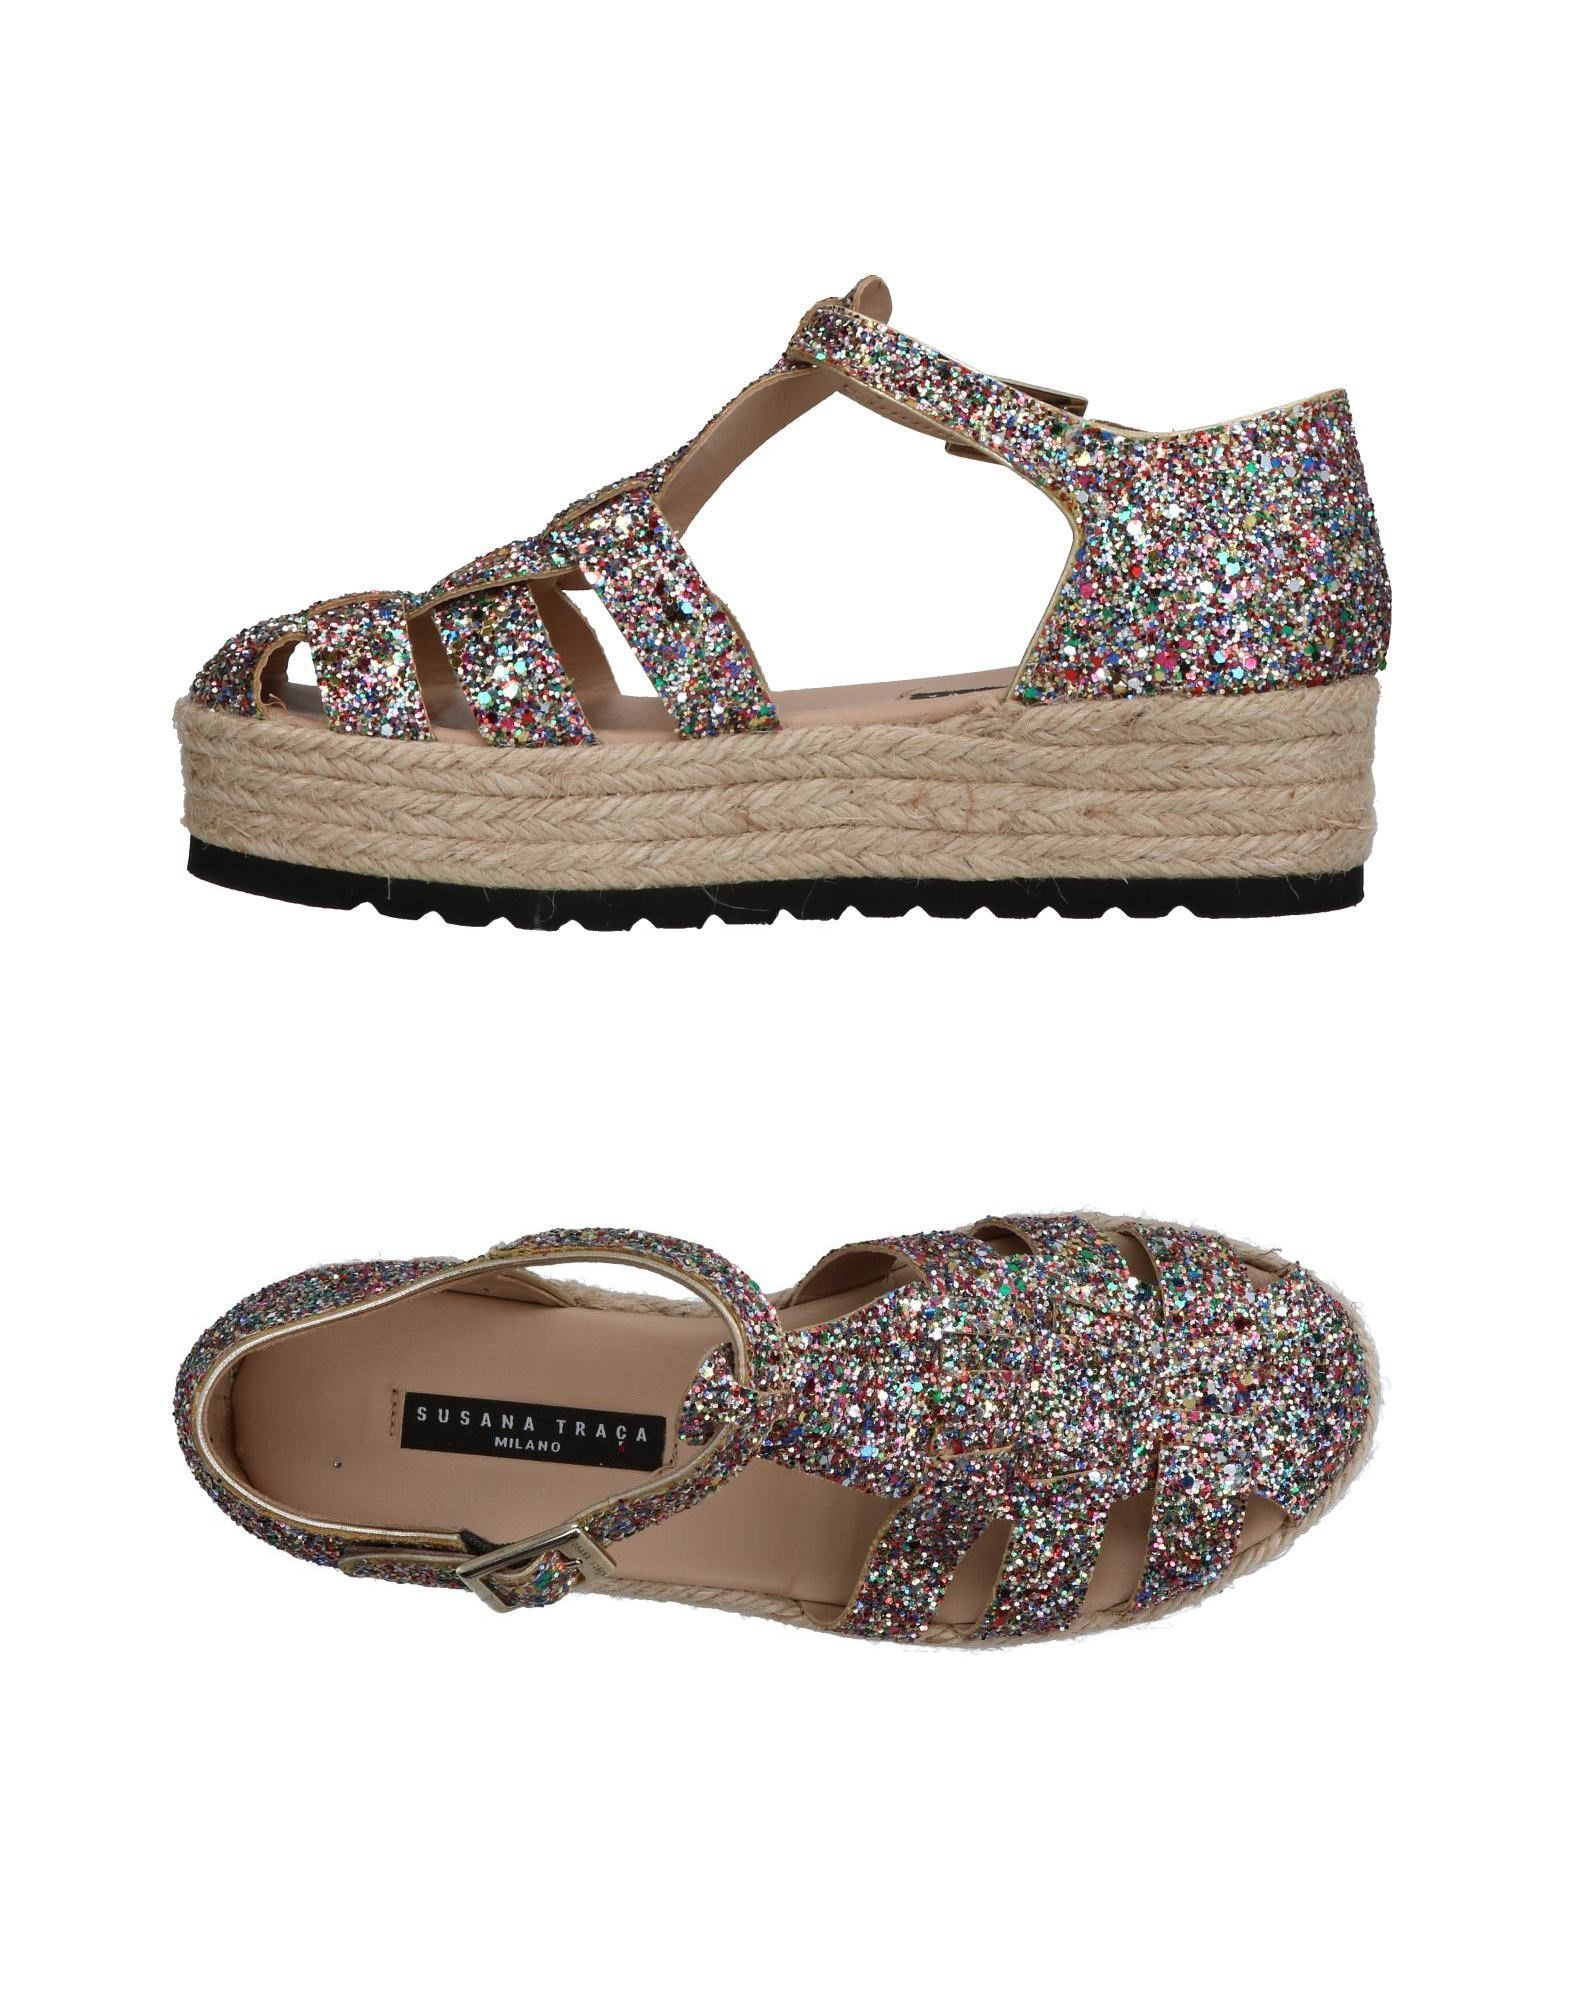 Susana Traca Sandalen Damen    11361619RG Gute Qualität beliebte Schuhe 0555e6